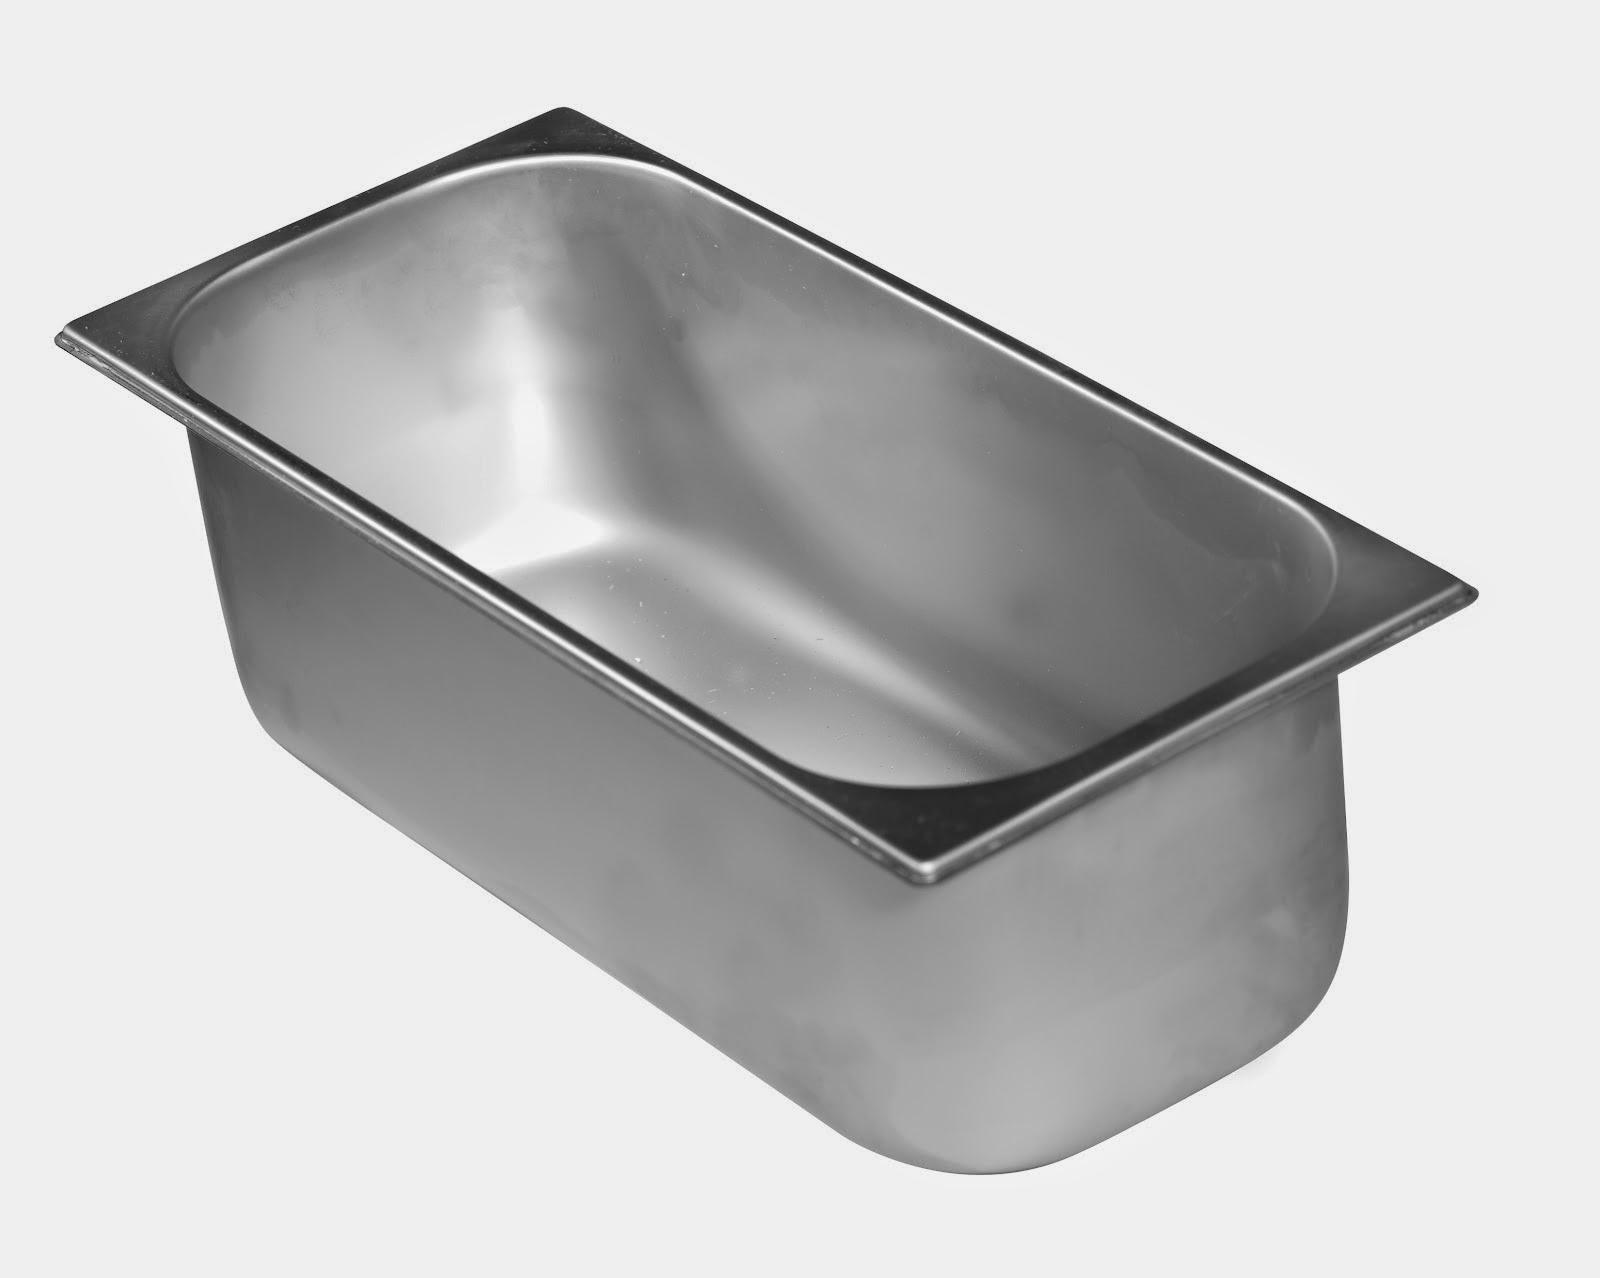 Vascheta Pentru Inghetata, Accesorii Gelaterie, Horeca, Pret